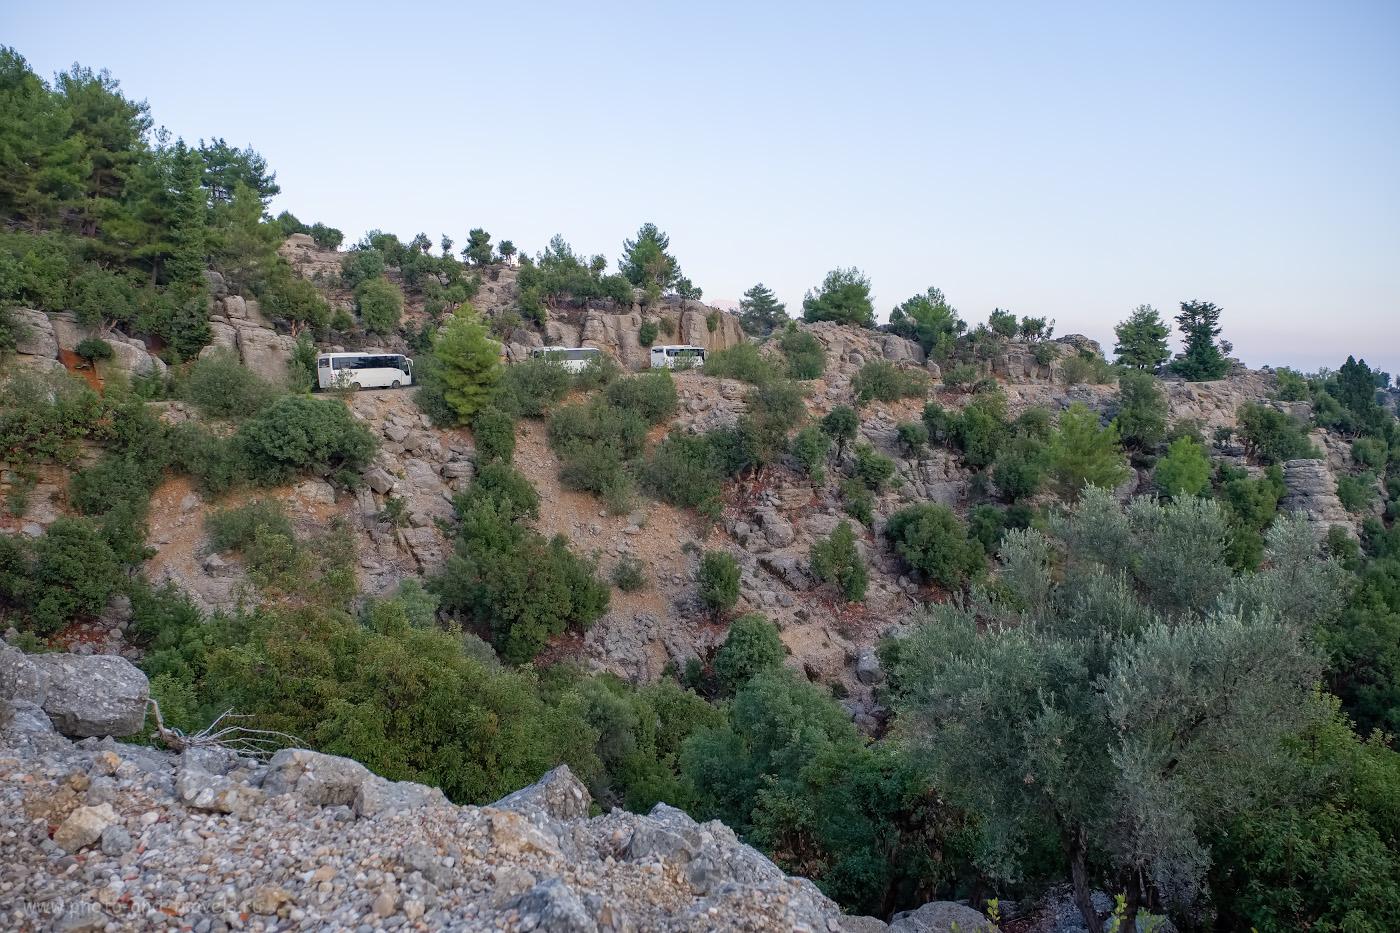 Фотография 17. Такой ландшафт видят путешественники, подъезжая к смотровой площадке «Köprülü Kanyon Manzara Seyir Noktası» со стороны Сельге. Отчеты туристов о самостоятельной поездке по Турции. 1/350, 2.8, 200, -0.33, 16.